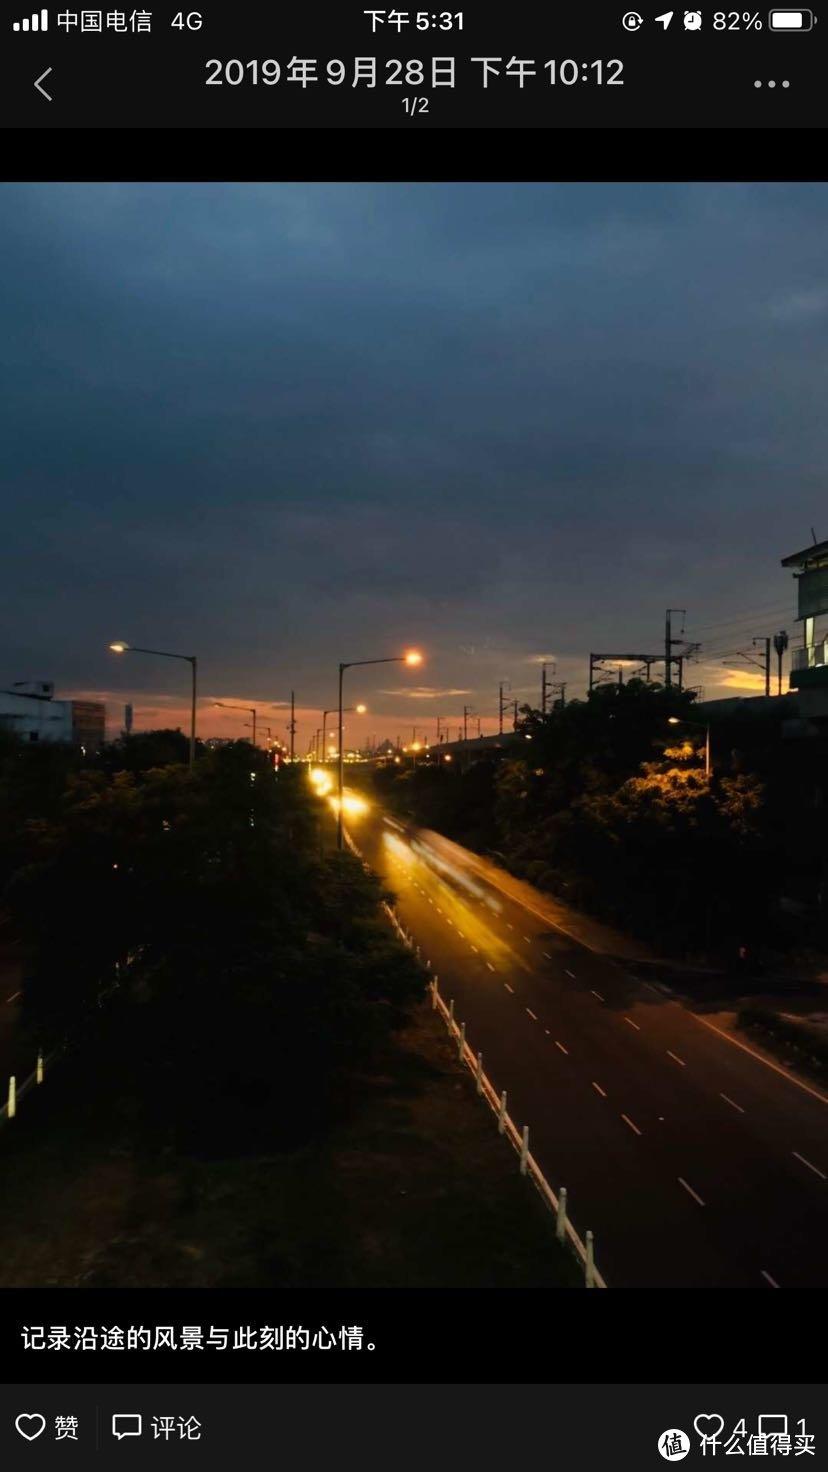 到印度时第一次去商场,在天桥拍的夜景